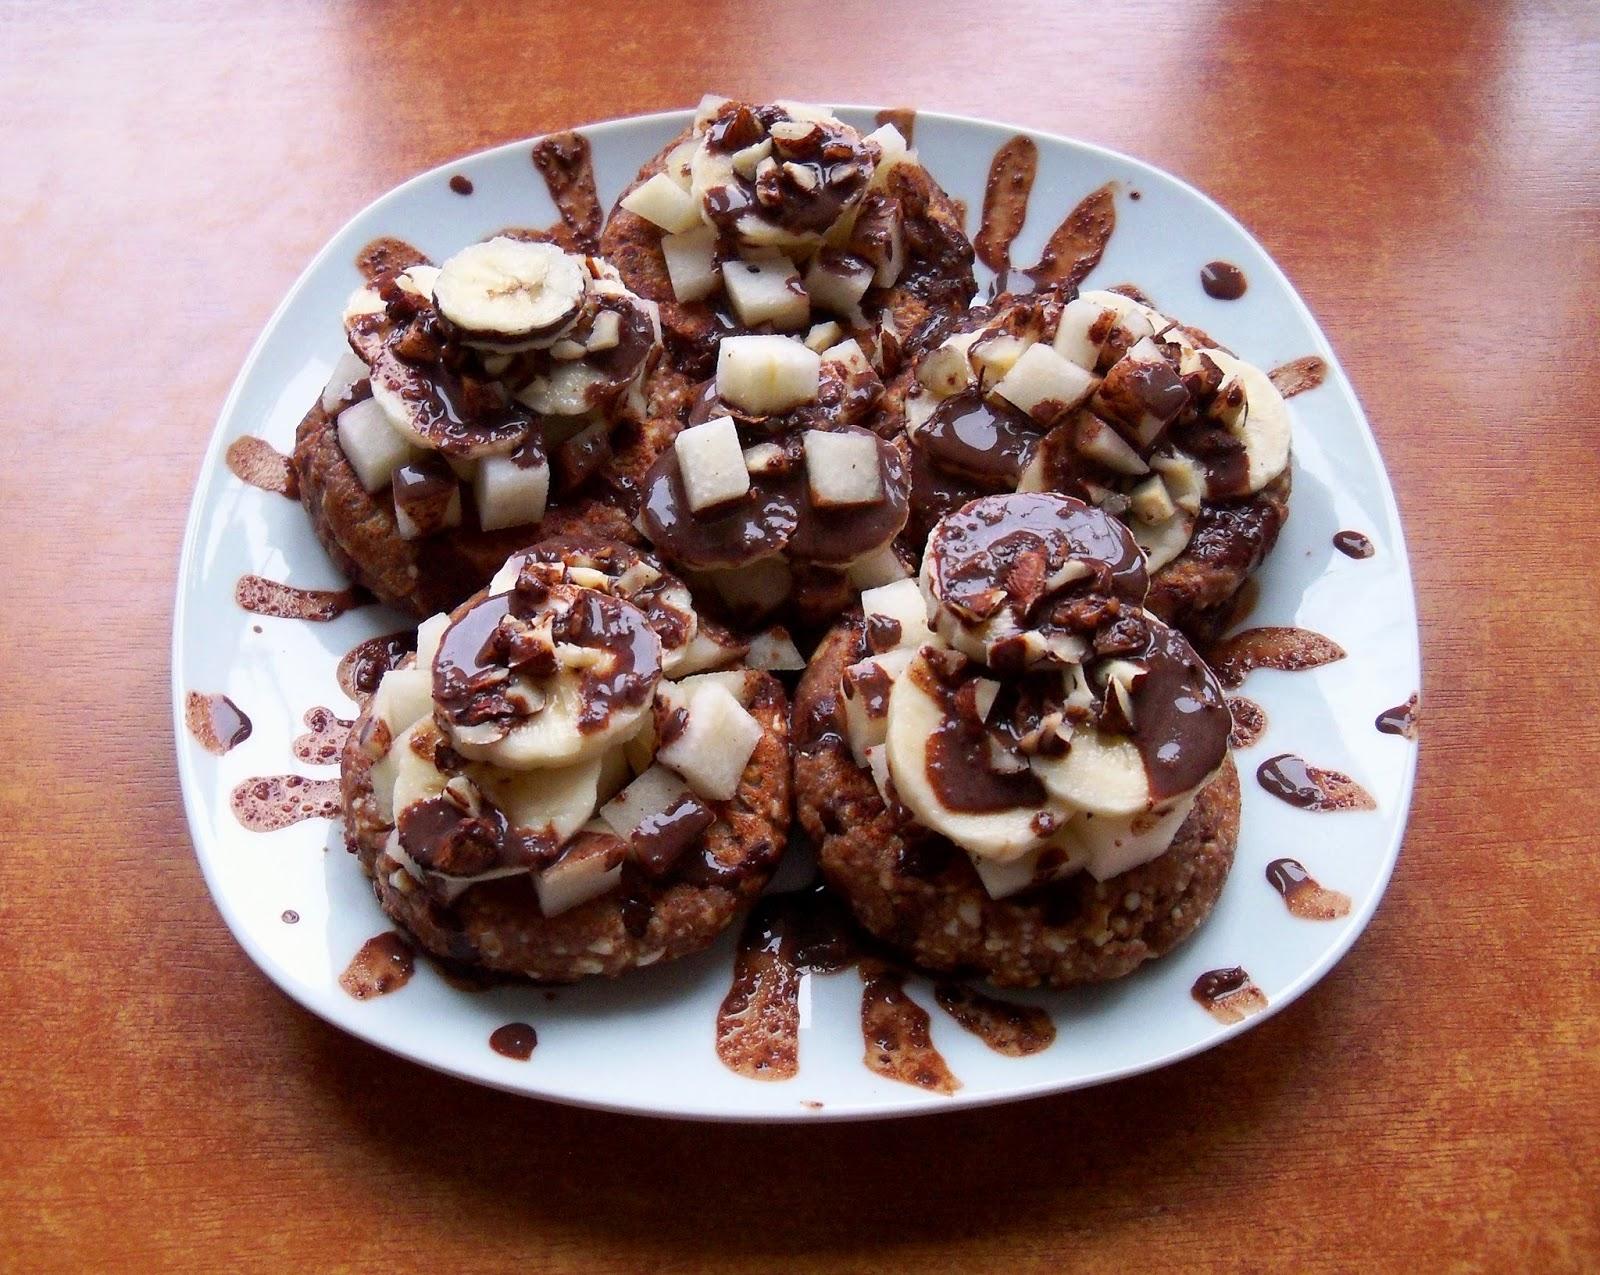 http://yummymorningtoday.blogspot.com/2014/12/145-czekoladowe-mikoajki-paczuszka.html